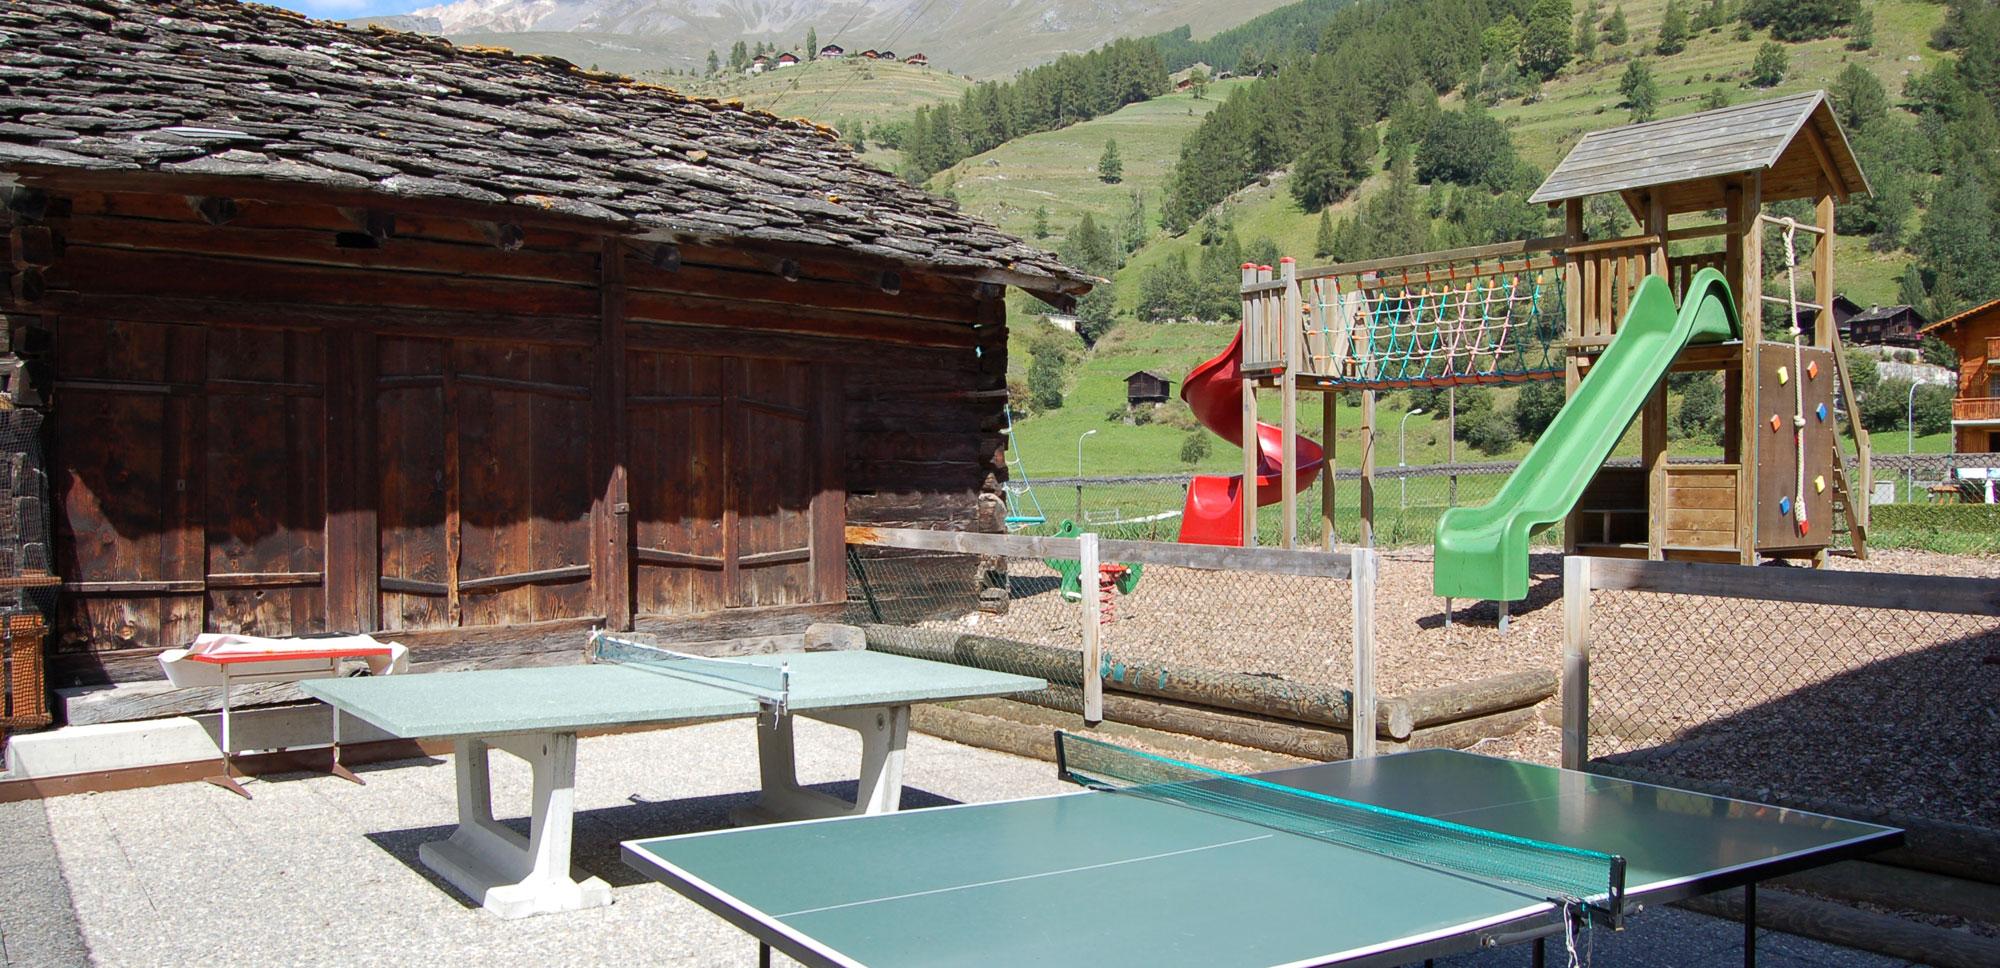 Place de jeu et tables de ping-pong